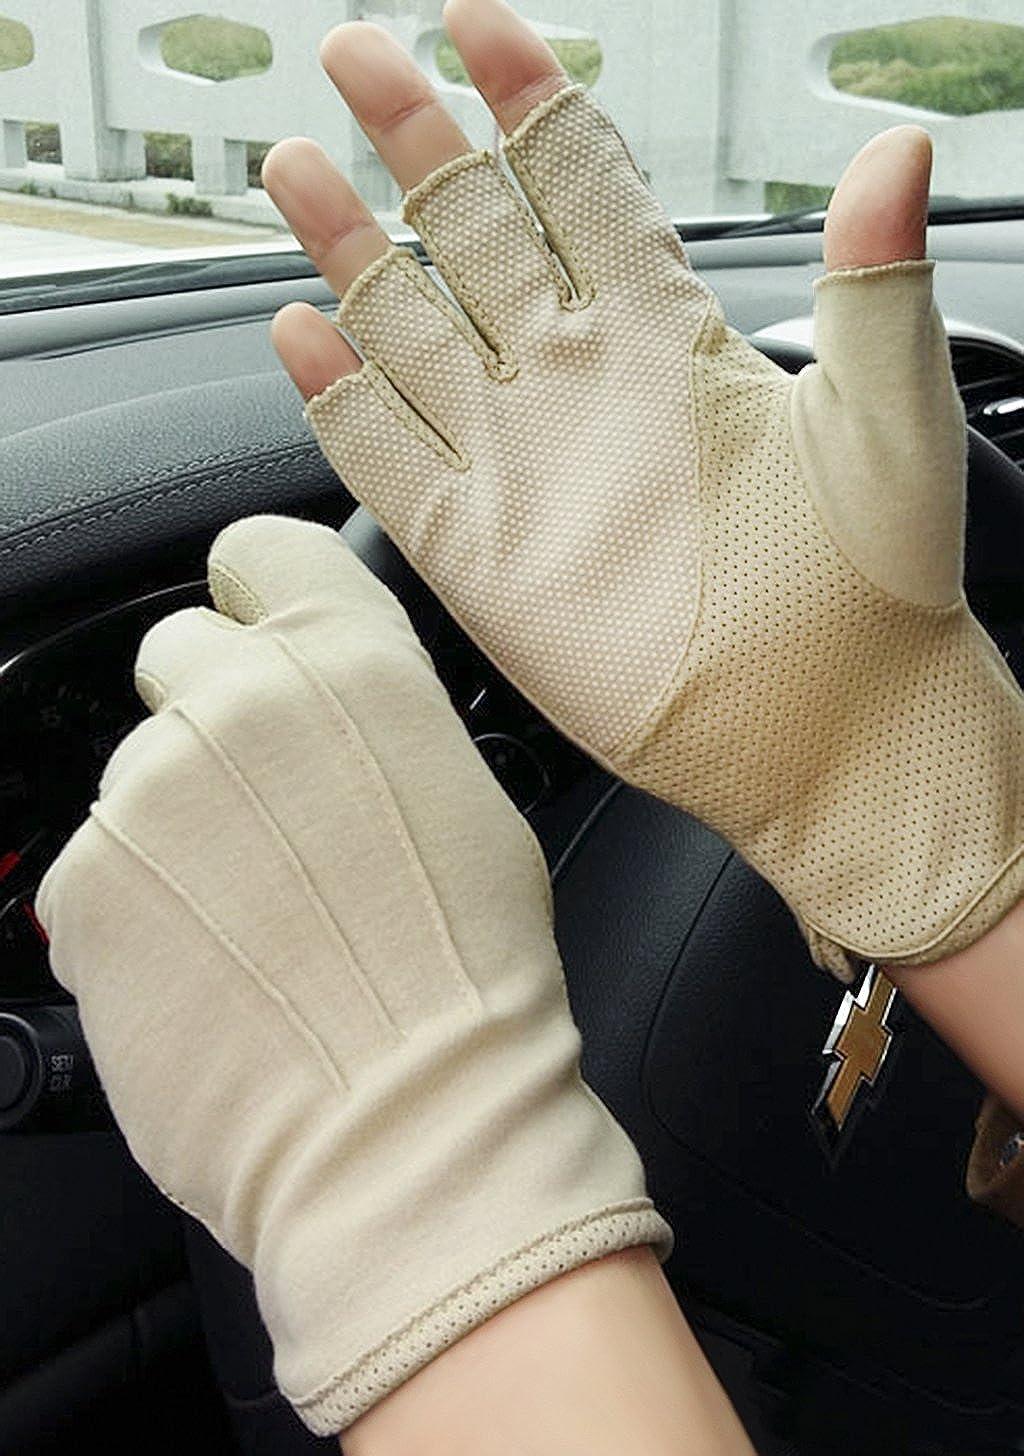 Baumwollhandschuhe Fingerlose Handschuhe Rutschfeste Fahrradhandschuhe Sonnenschutz Halbfinger Fäustlinge Laufhandschuhe Für Autofahren Motorrad Fahrrad Sport Camping Wandern Outdoor Männer Frauen Bekleidung